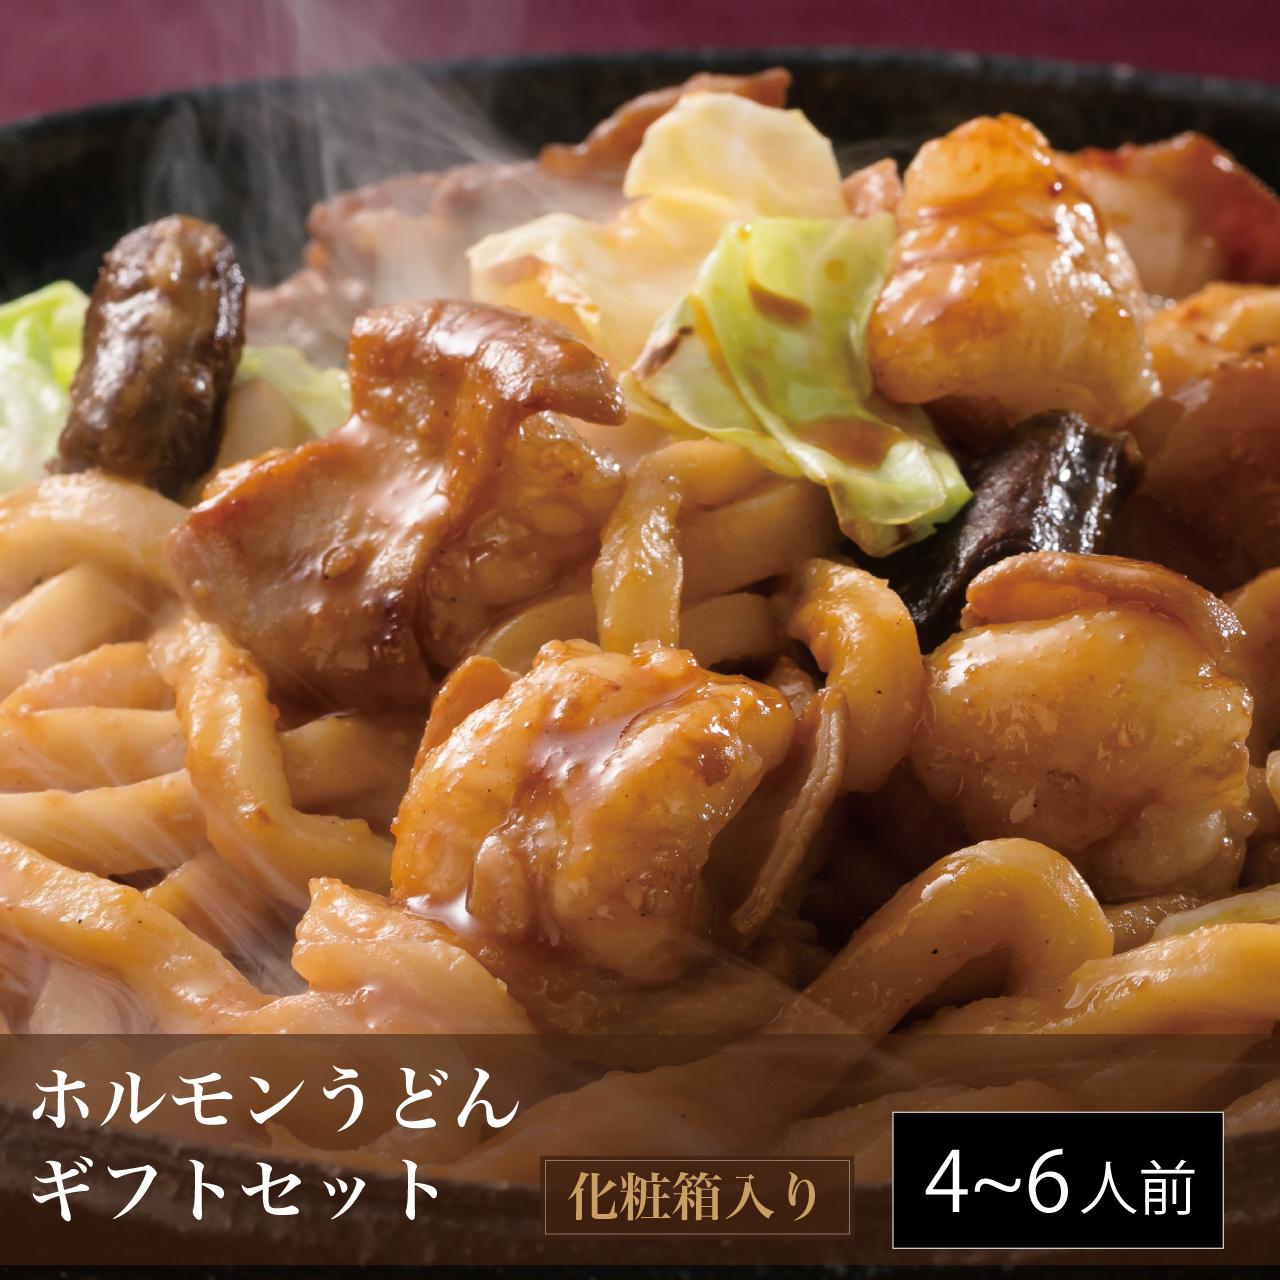 津山ホルモンうどん4袋(4〜6人前)ギフトセット【送料無料】